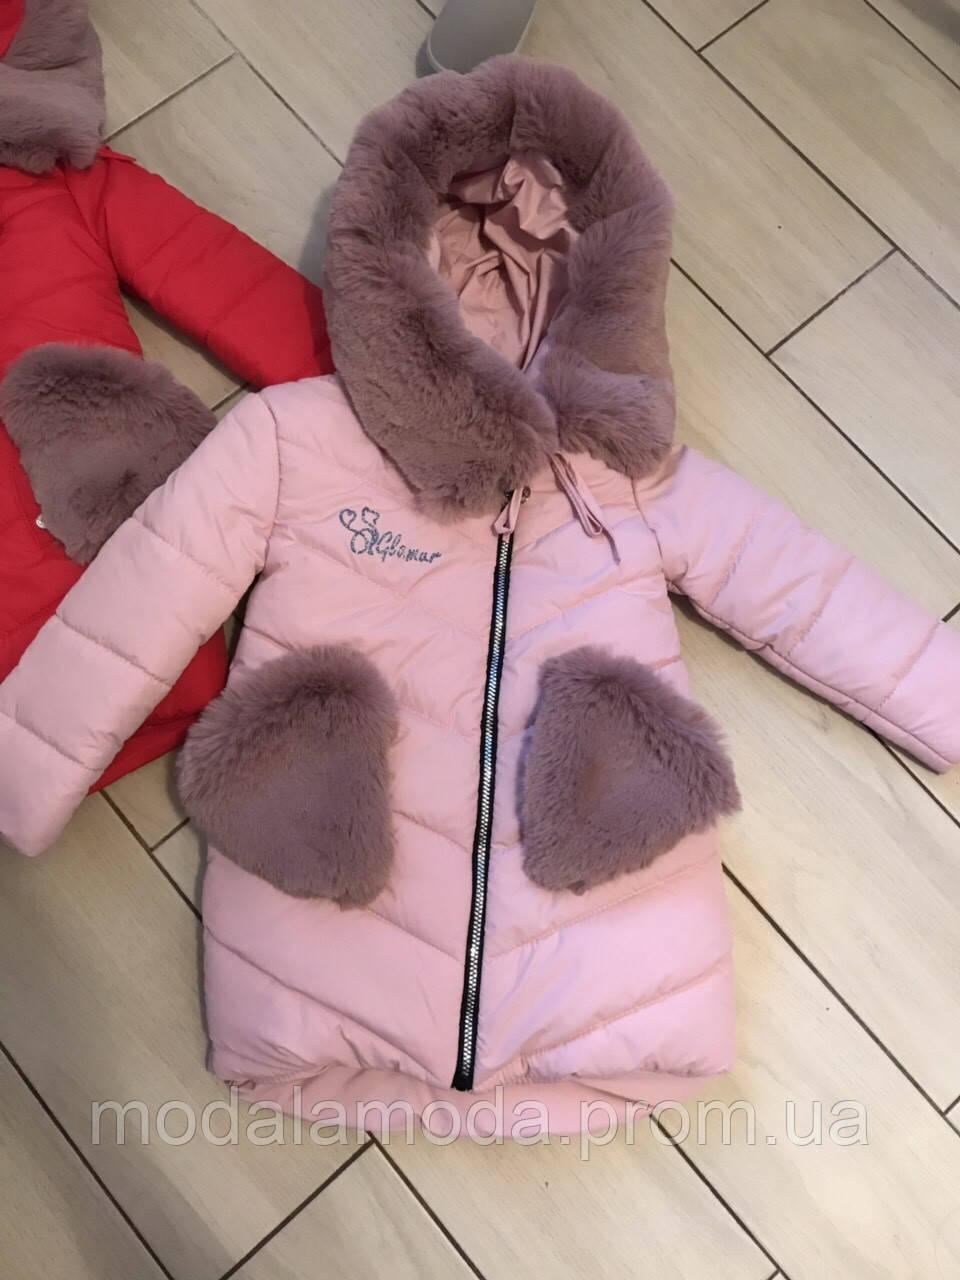 Куртка зимняя для девочек Glamur ОПТОМ!